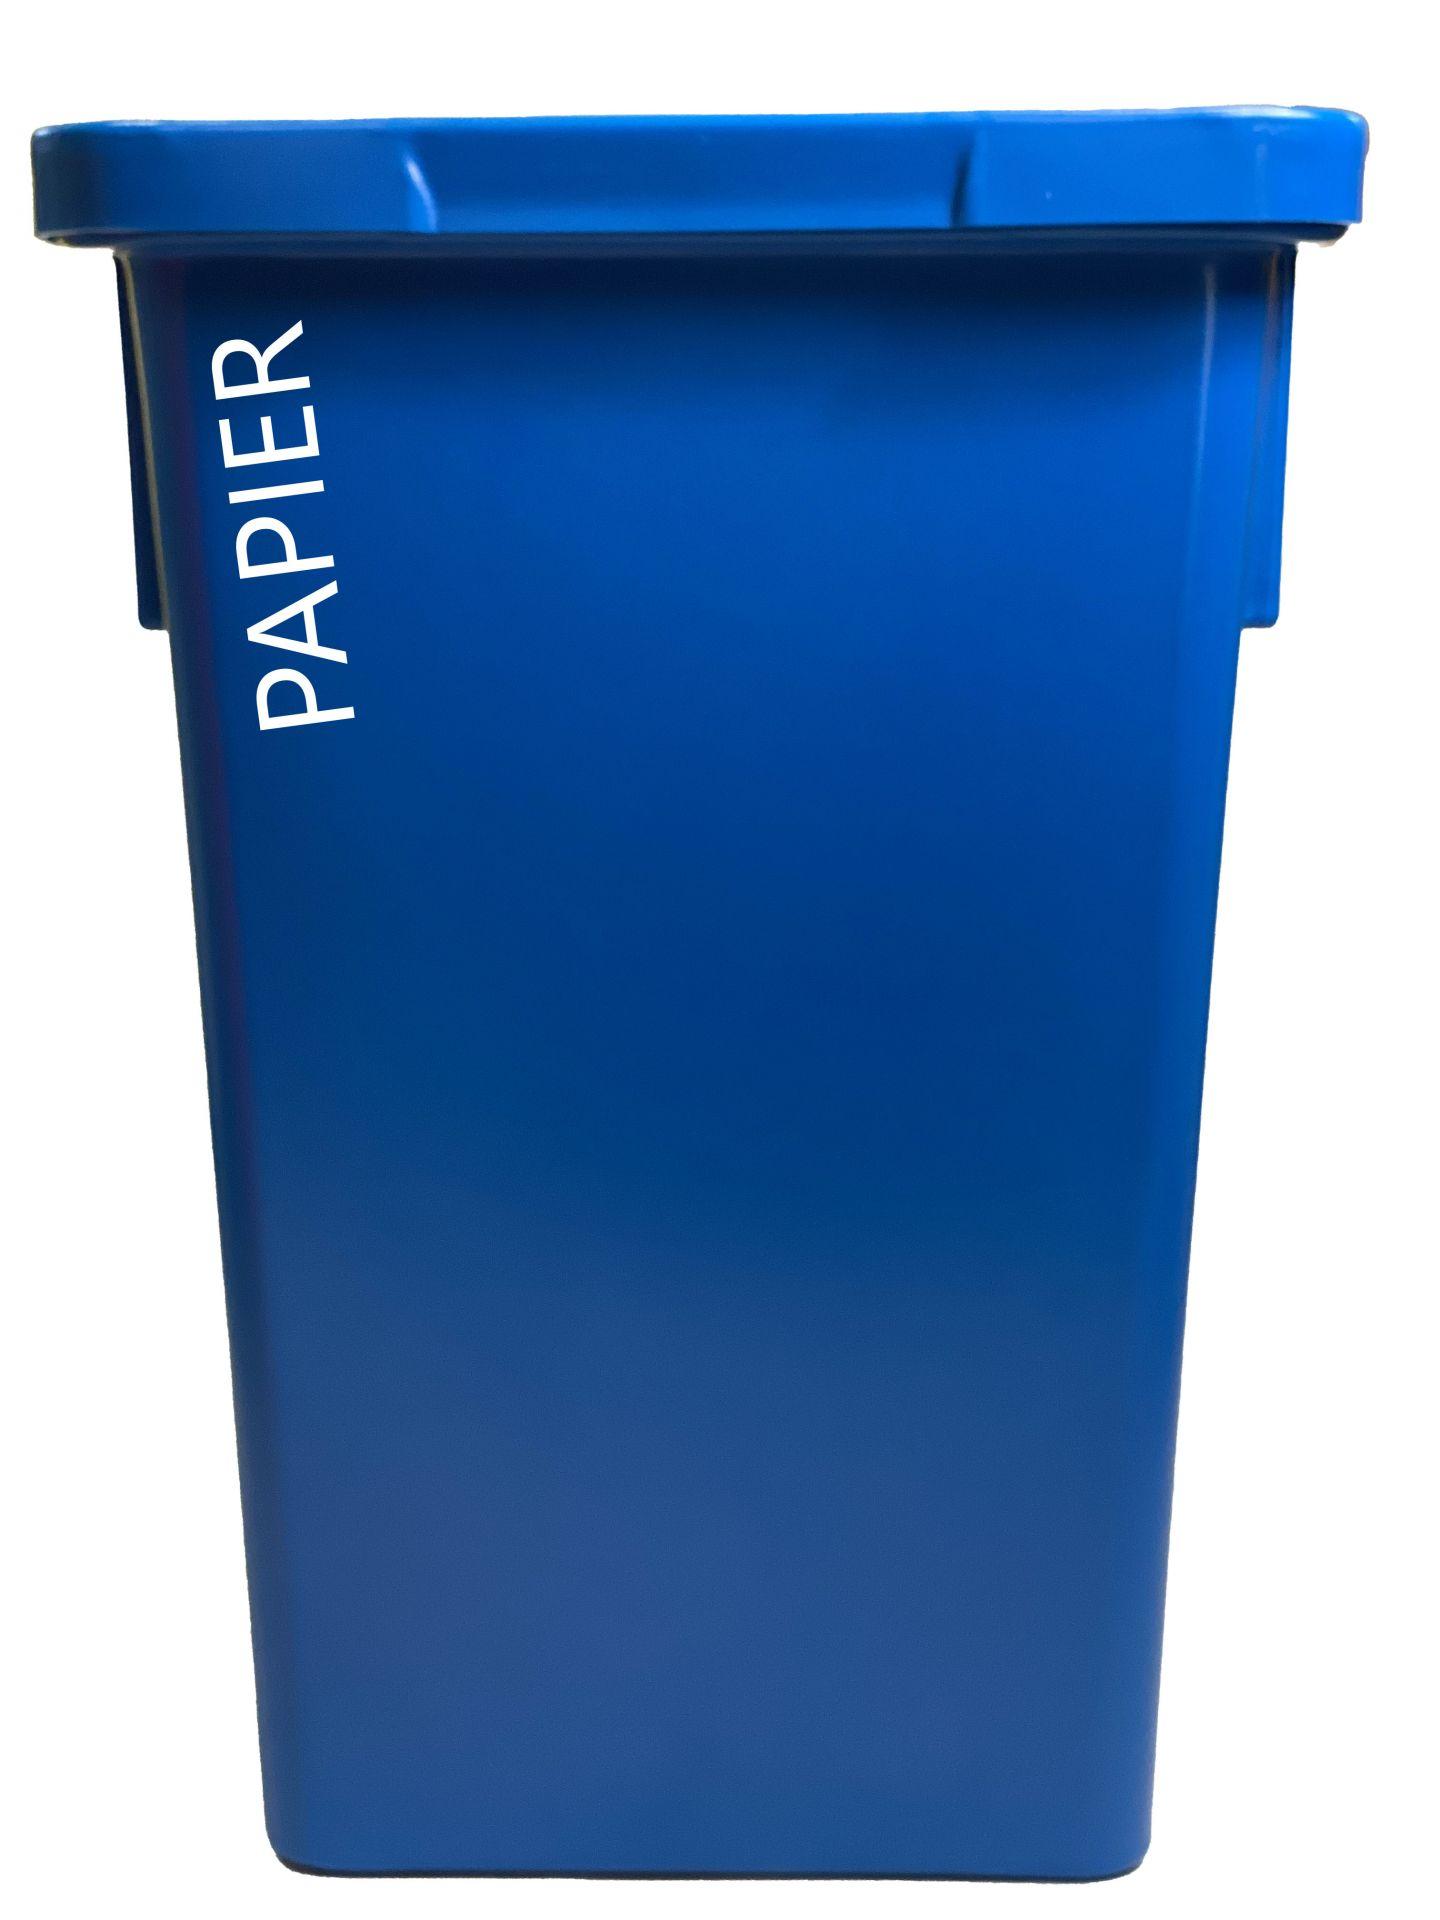 Bac de collecte des dechets trizen papier 120l